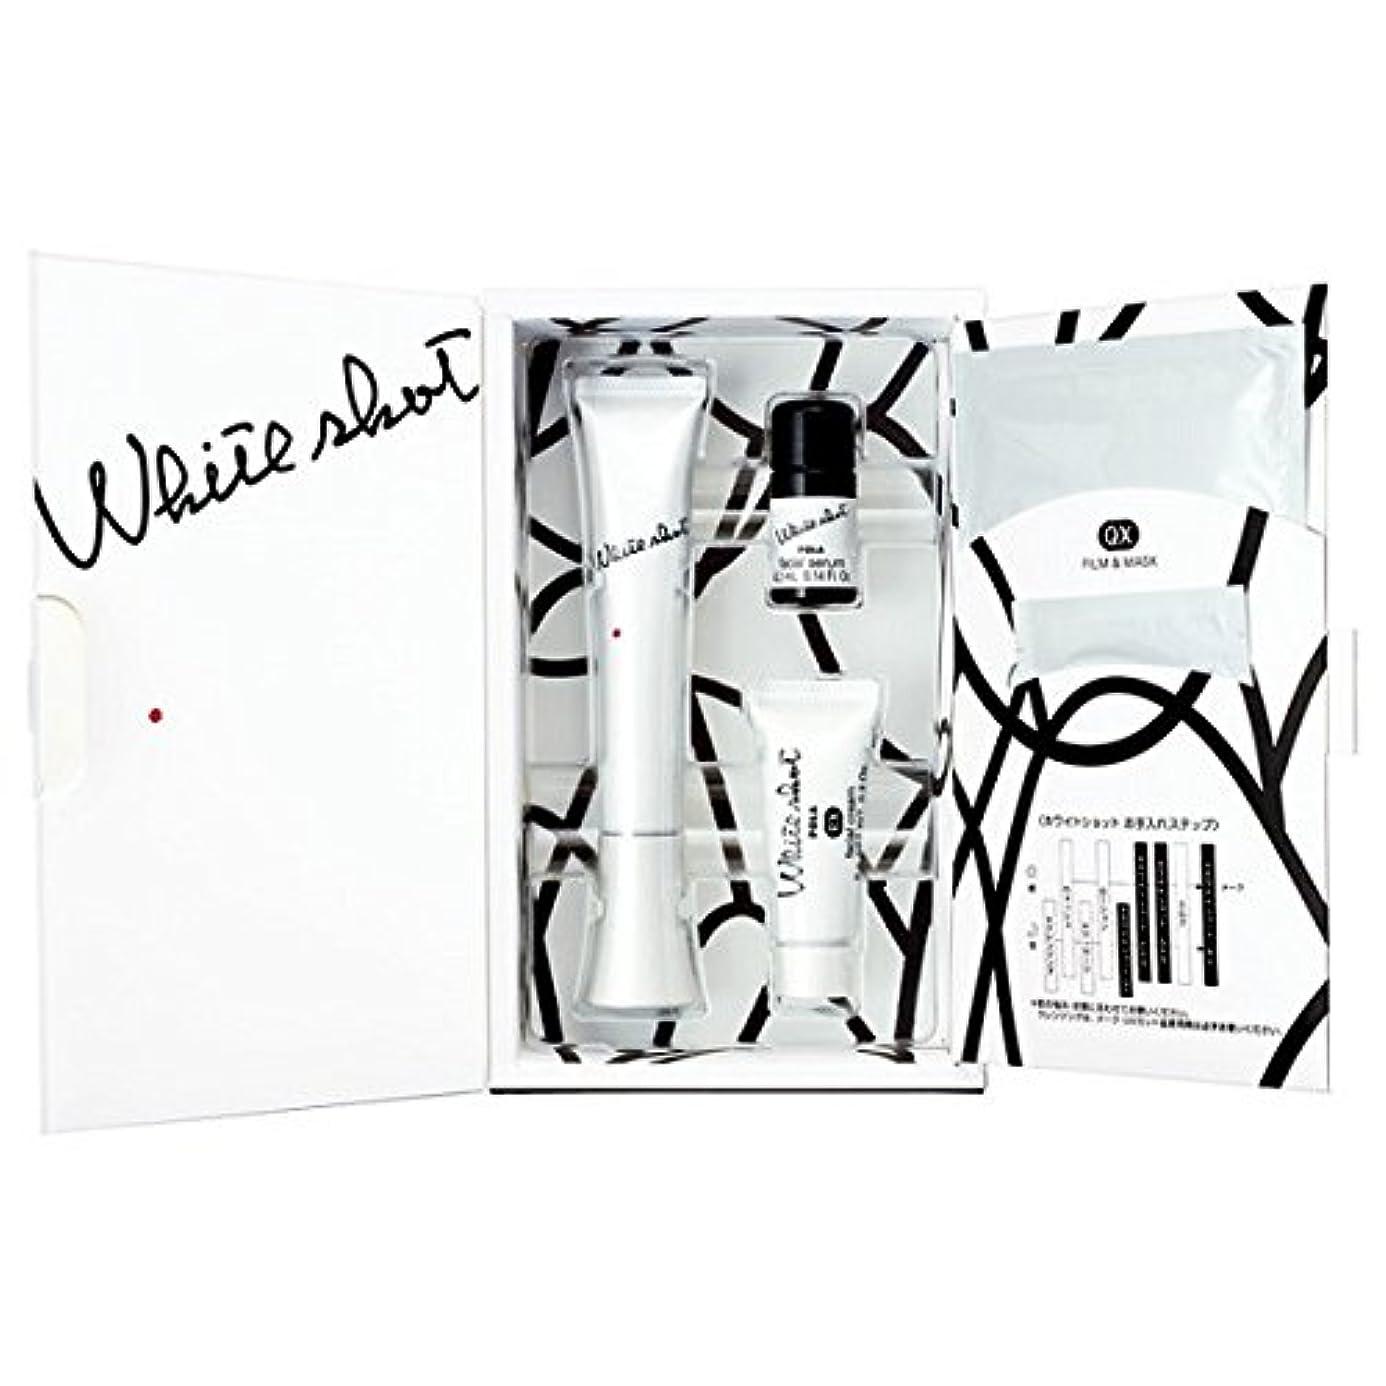 ハンカチジョリーニコチンポーラ ホワイトショット コンセントレーションボックス SXS